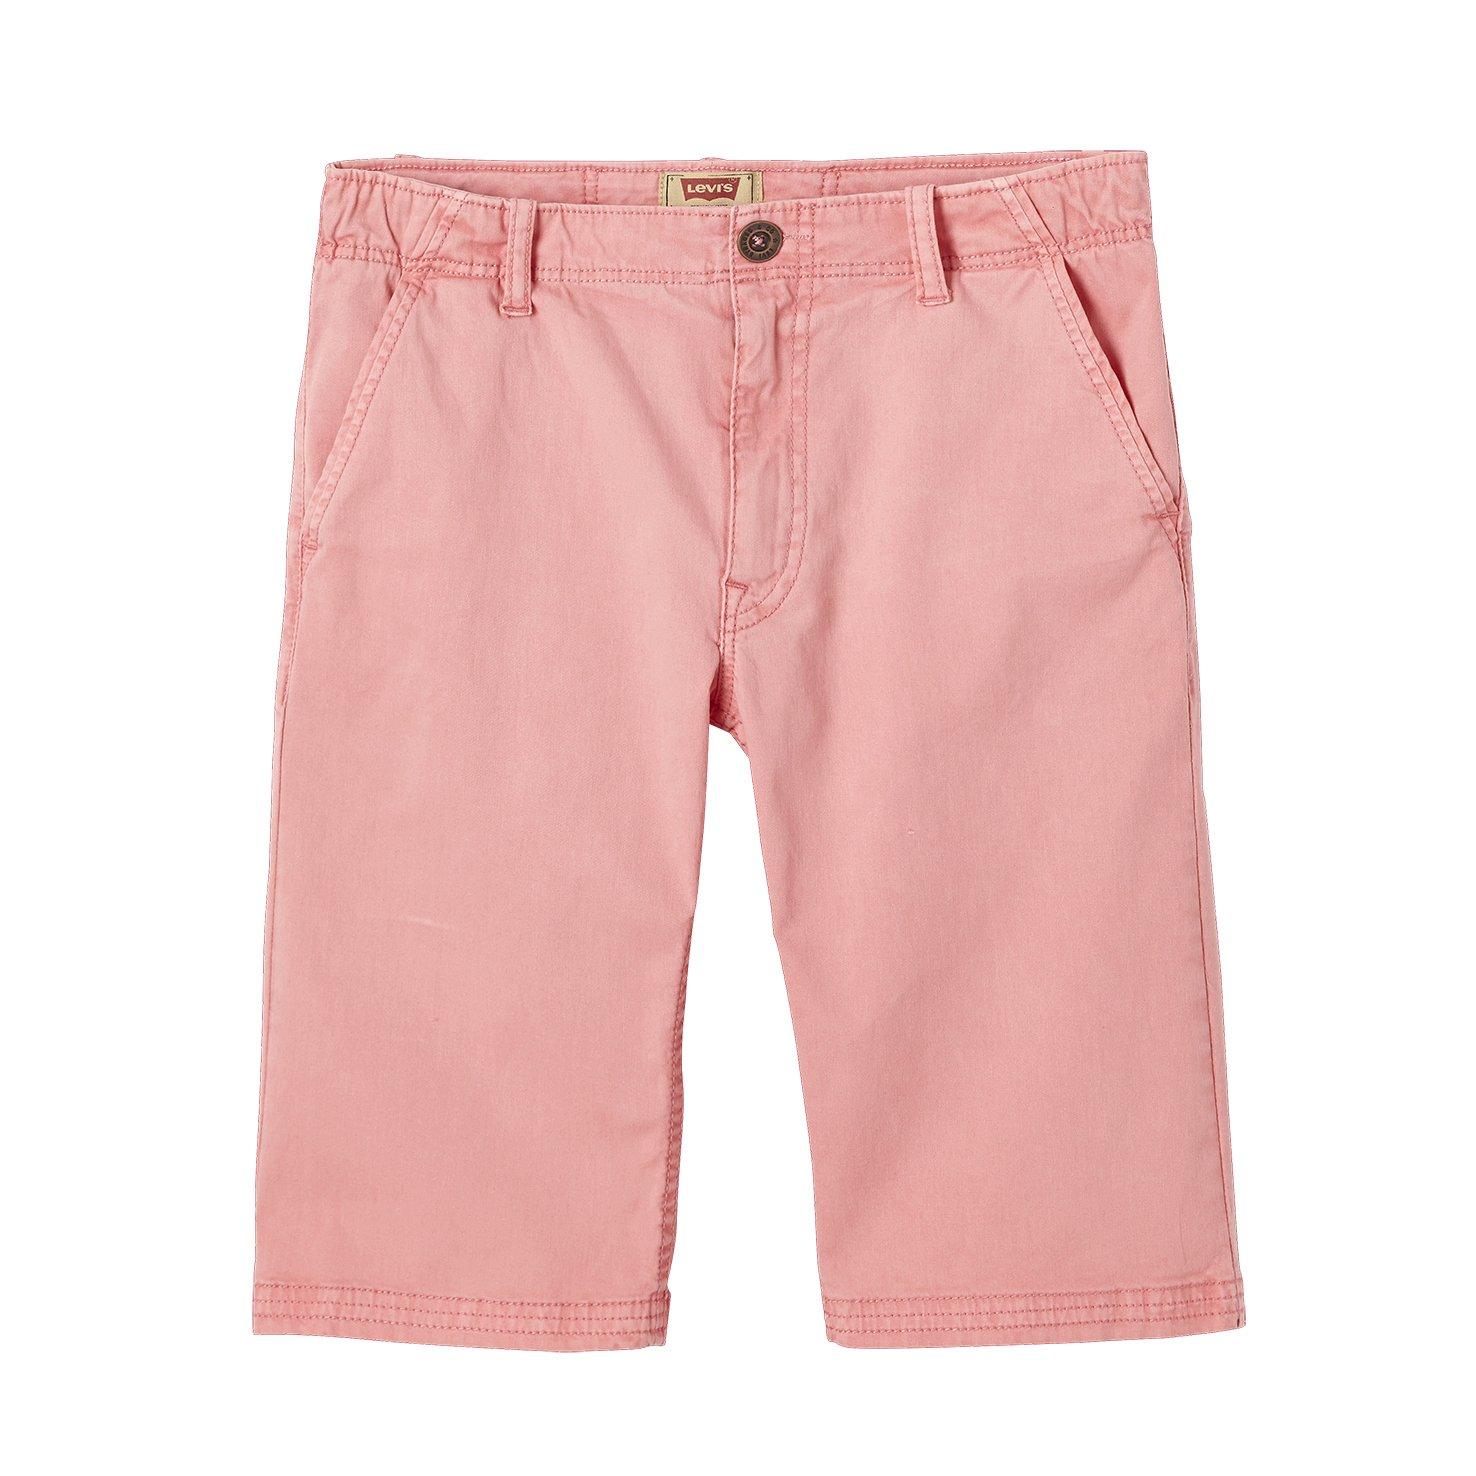 Levi's Boy's Pant 510 Jeans Levi' s Kids